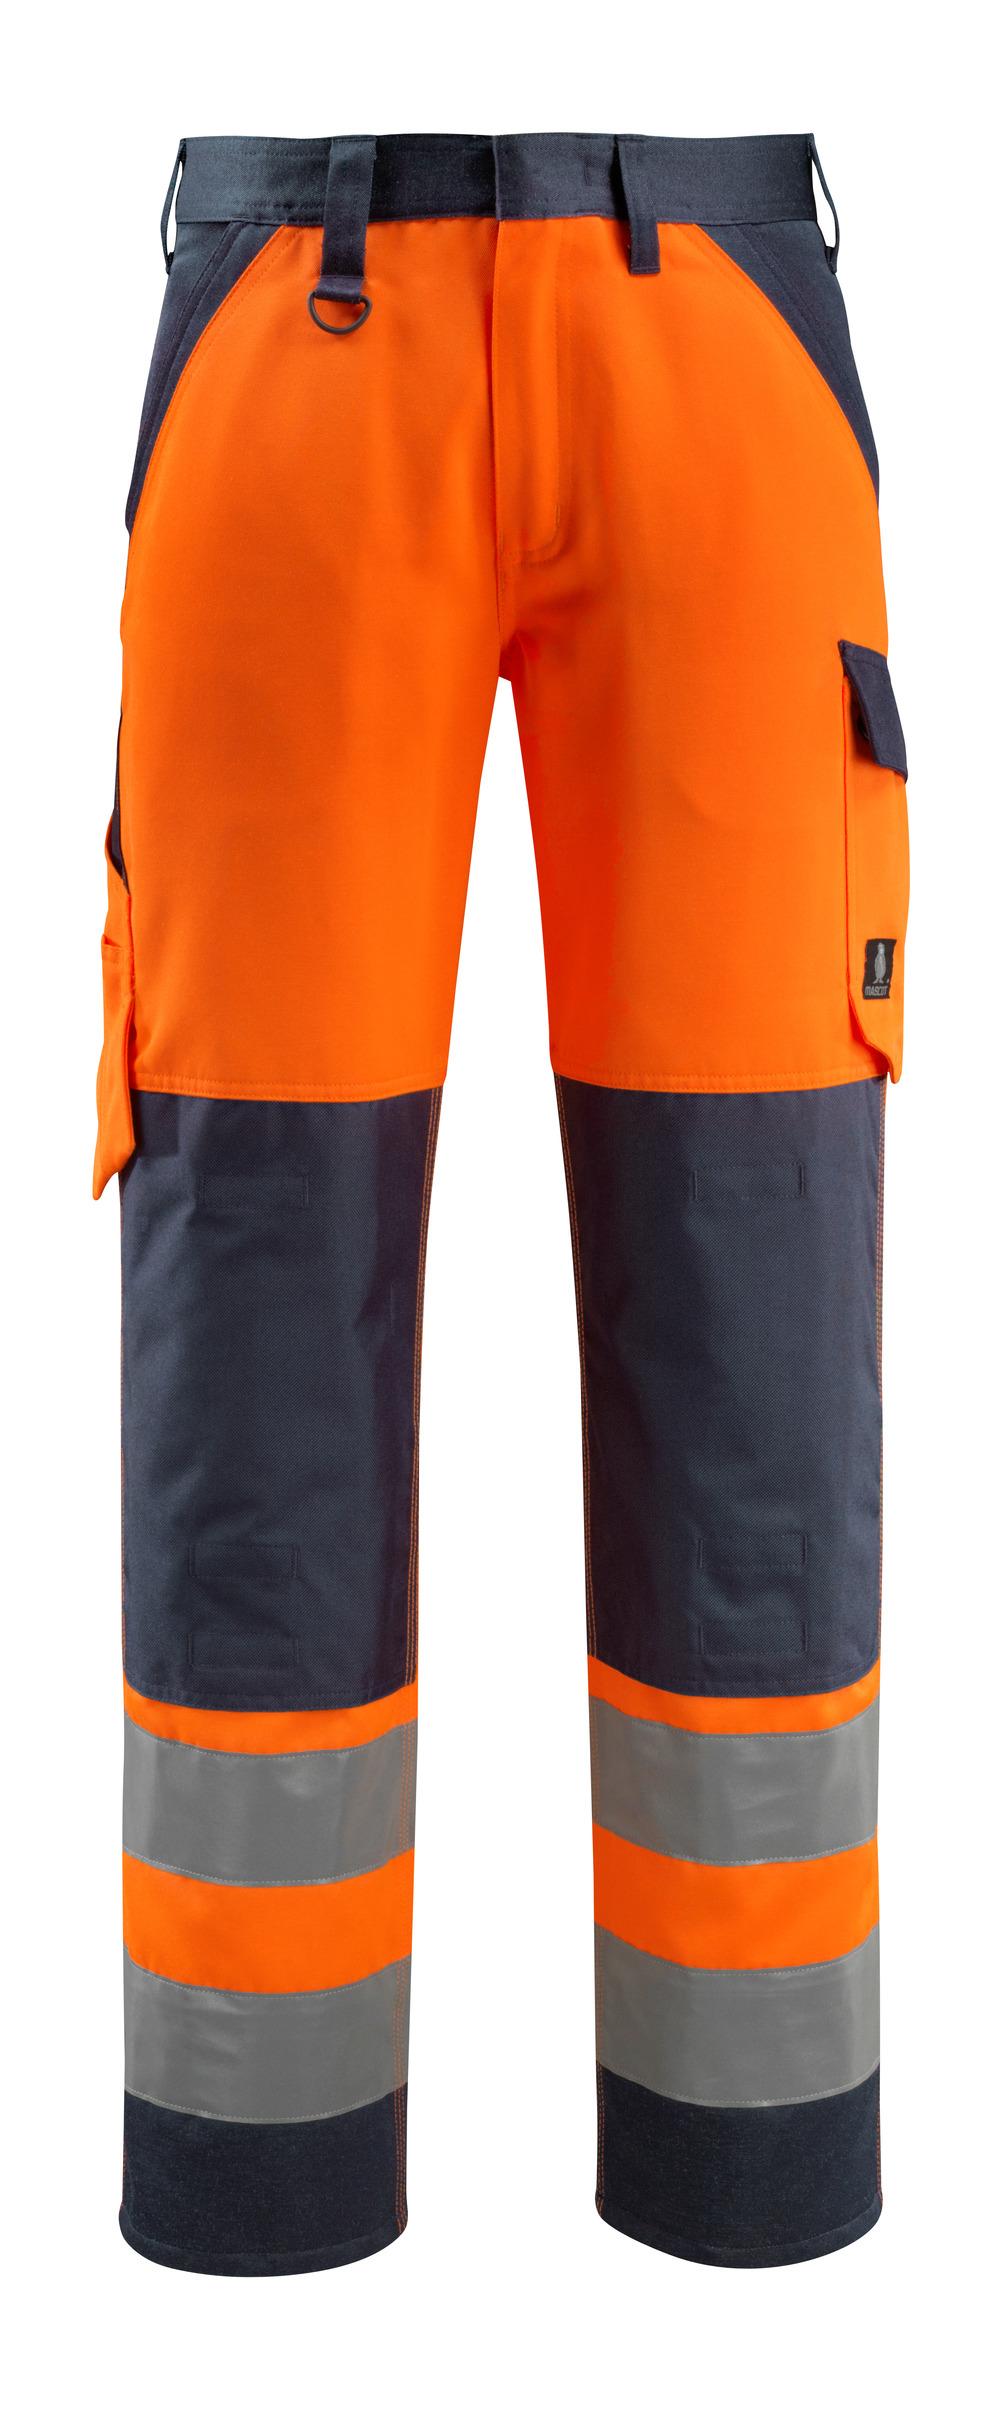 15979-948-14010 Byxor med knäfickor - hi-vis orange/mörk marin